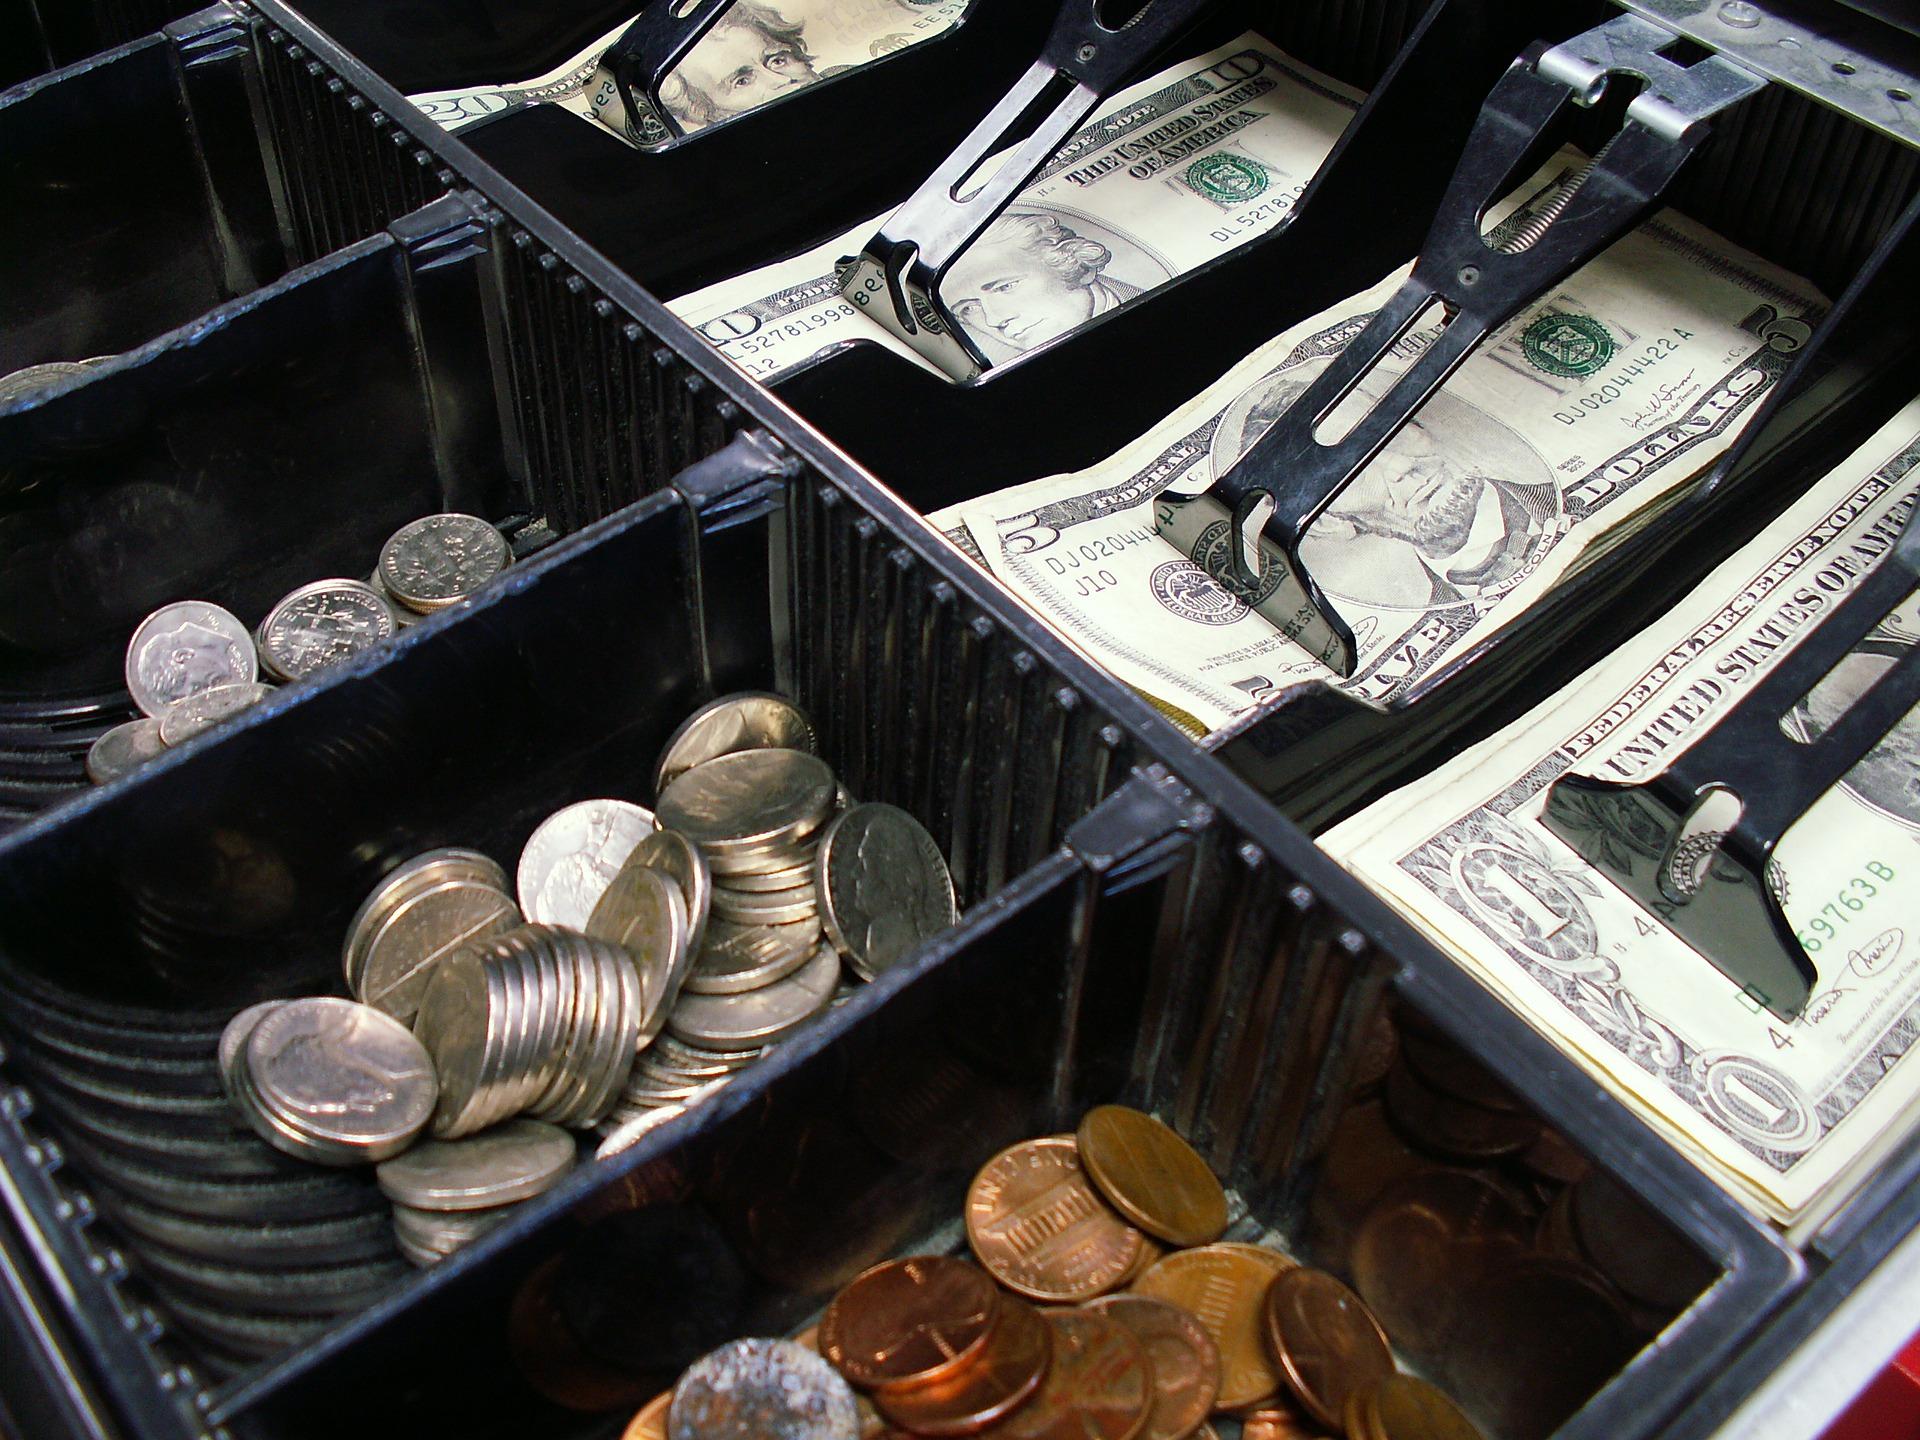 Trickdiebstahl: Verkäuferin abgelenkt, Geld entwendet